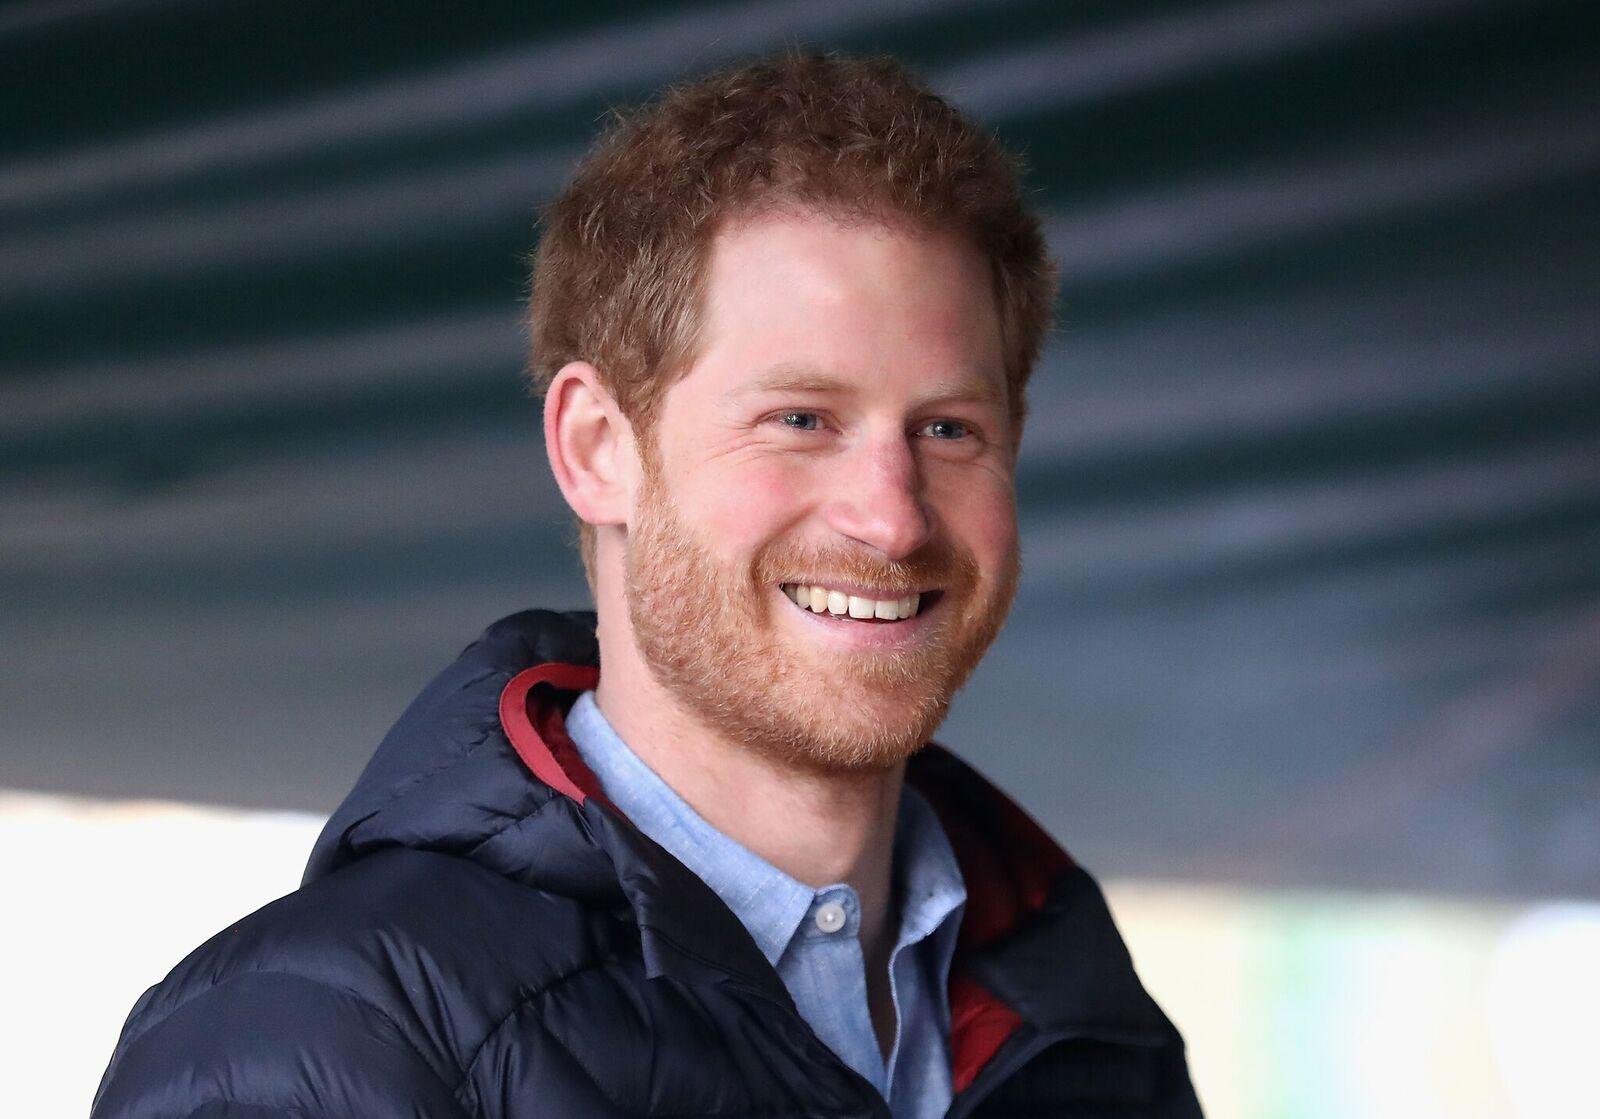 Le prince Harry visite le service d'aide pour les blessures cachées des héros à Tedworth House. | Source : Getty Images